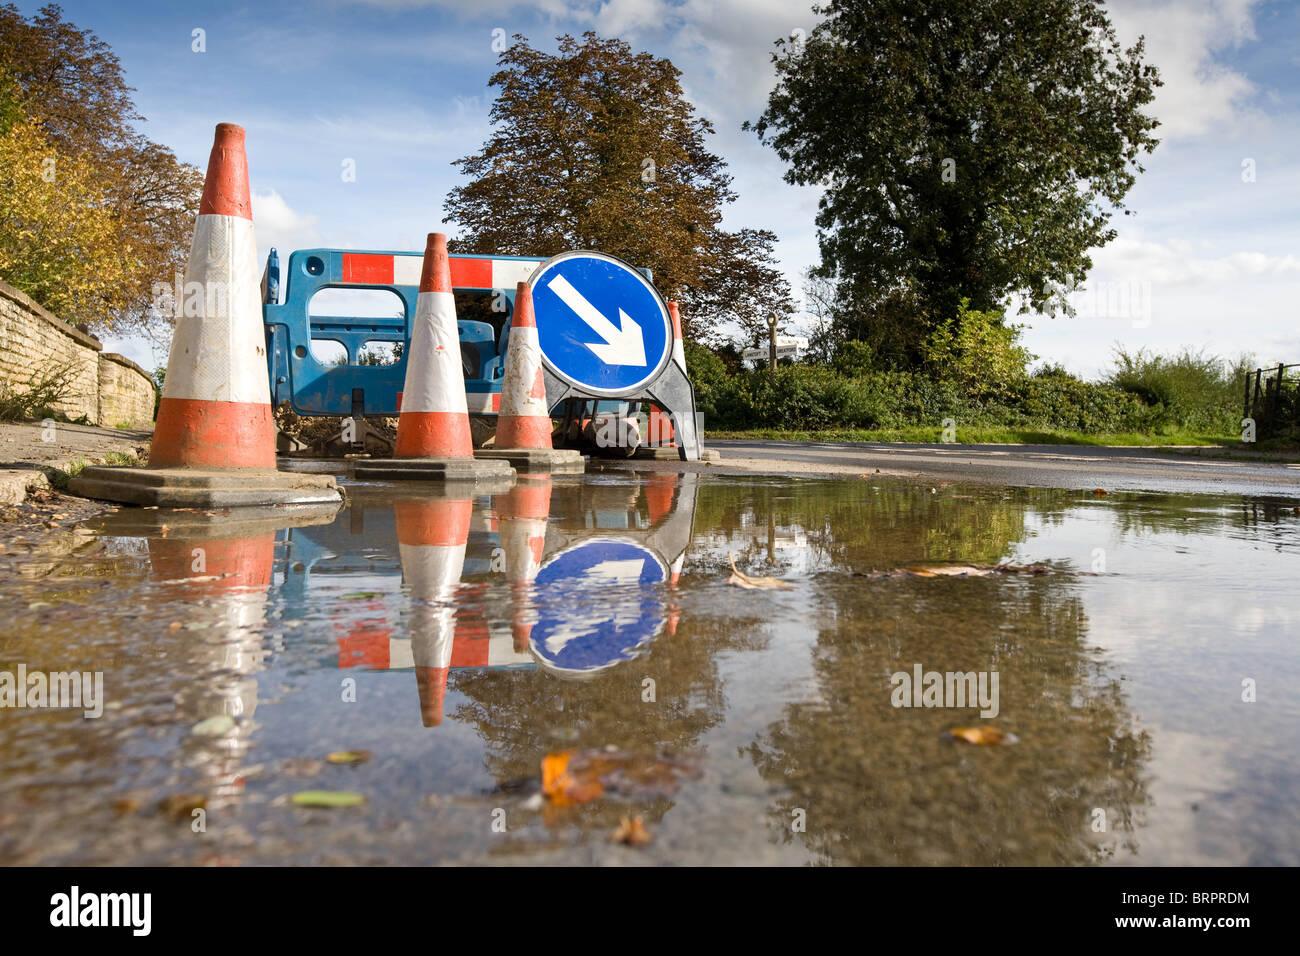 L'eau a éclaté dans un village-rue principale Photo Stock